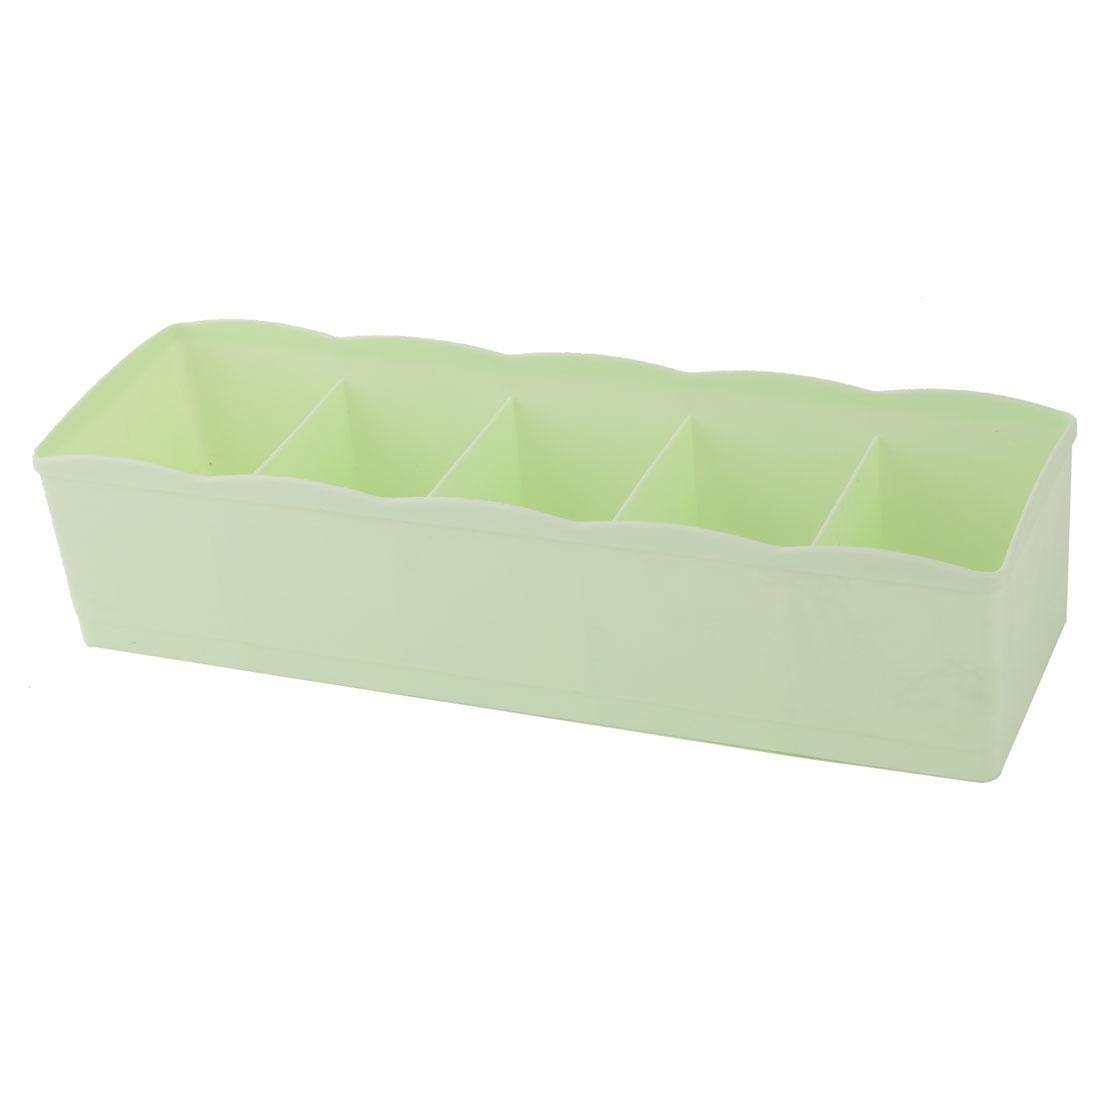 Plastic 5 Compartments Jewelry Cosmetics Holder Desk Decor Storage Box Case Pale Green